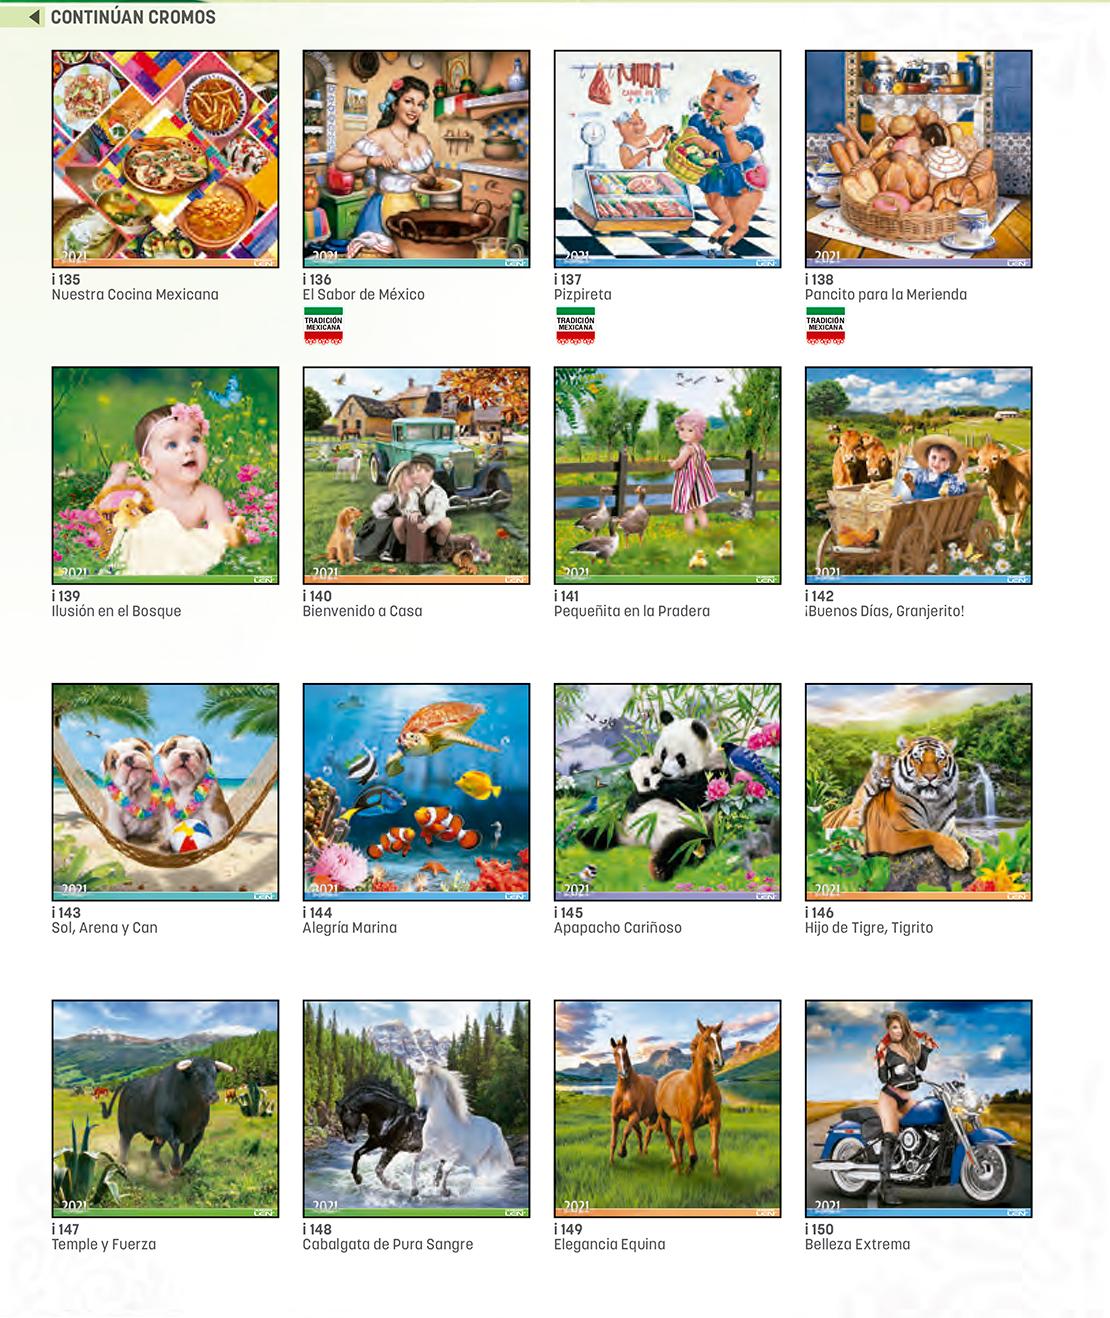 49-1Catalogo-Calendarios-LEN-2021-Serie-i-120-134-calendarios-red-2021.jpg